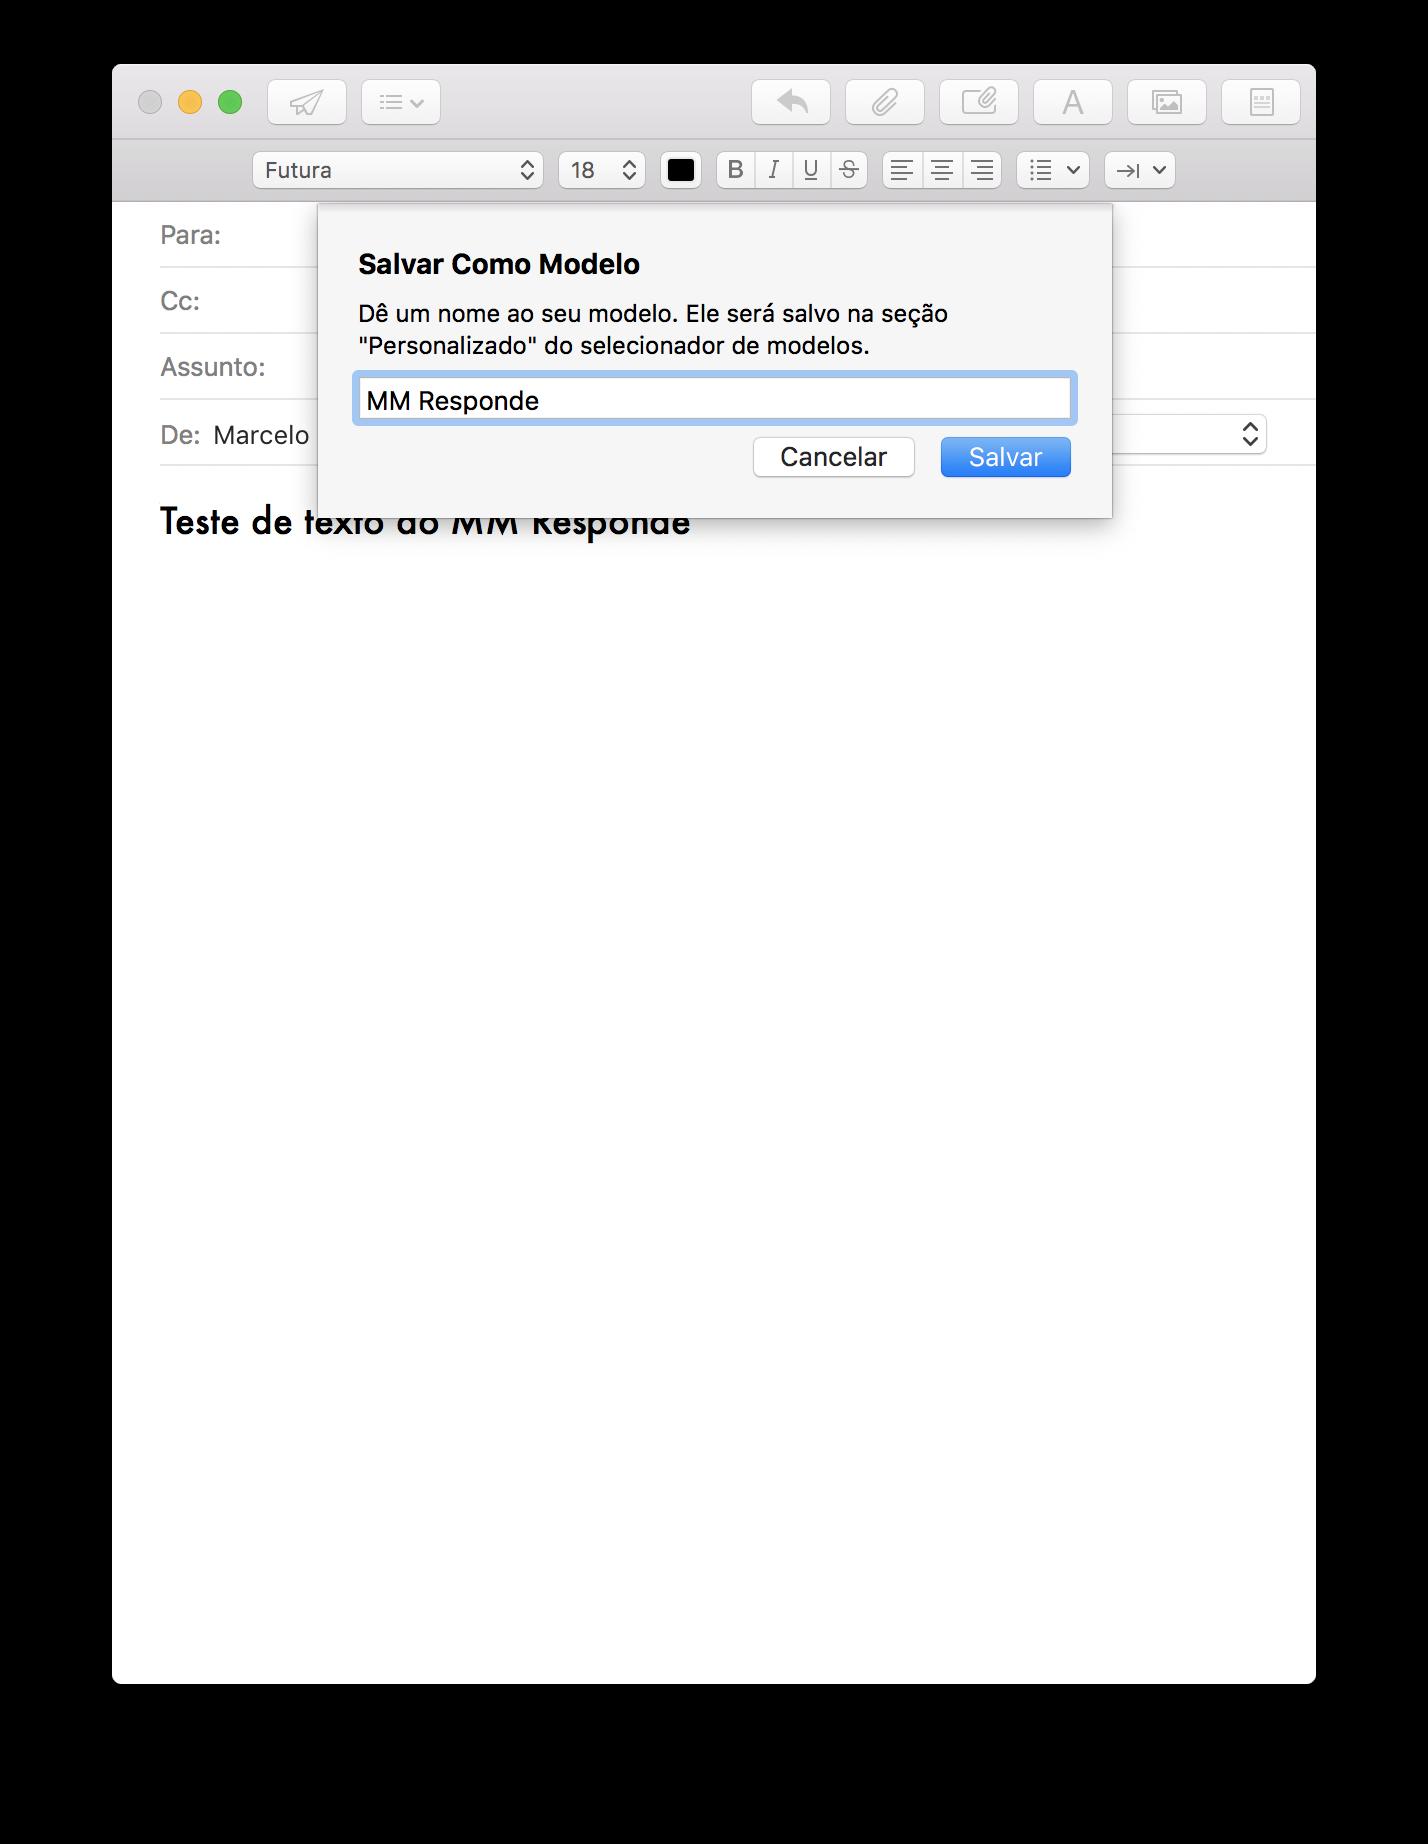 Salvando um modelo de mensagem no Mail